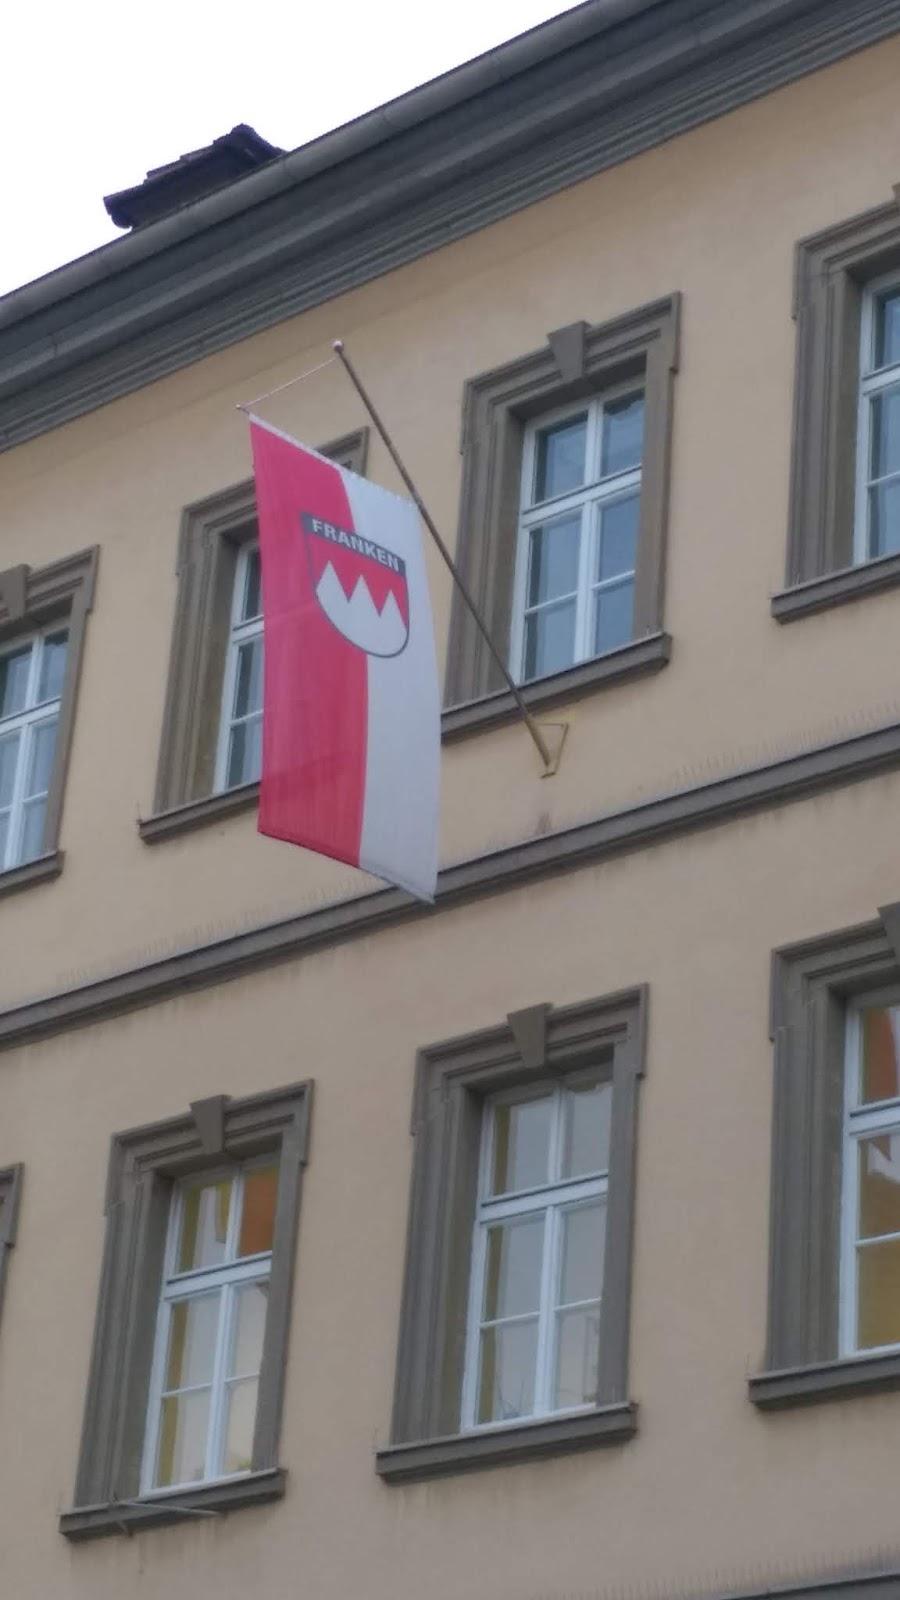 Life Unexpected 德國遊記之冷門景點 Bad Neustadt An Der Saale